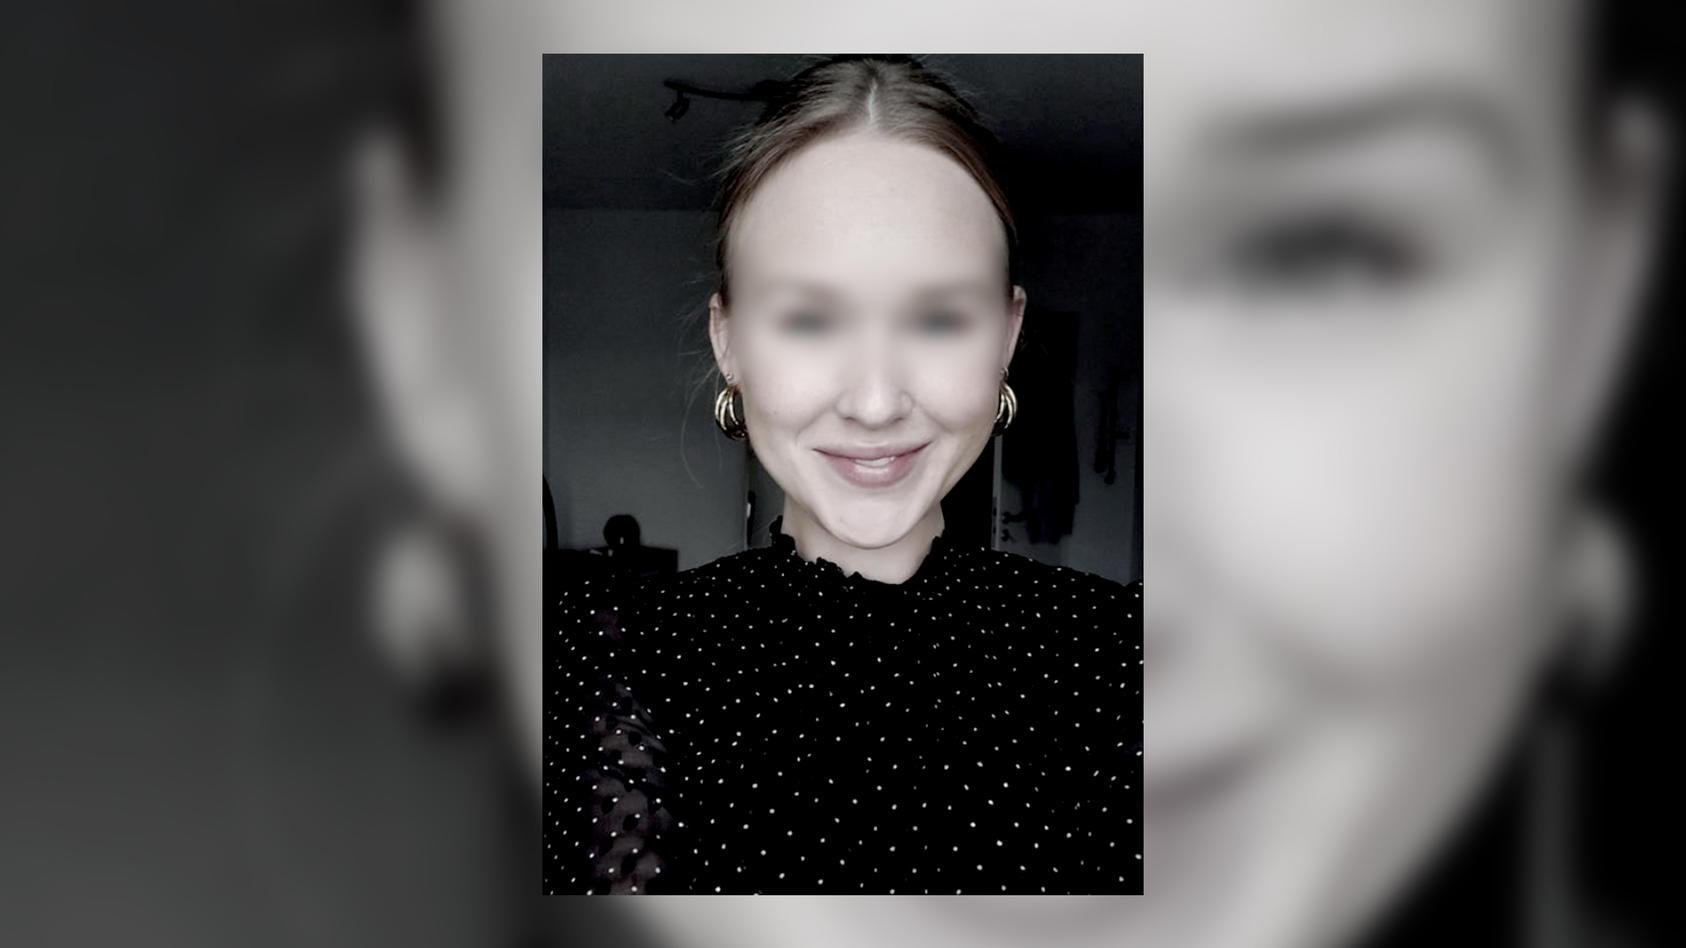 Die 23-jährige Sophie N. ist tot. Die junge Stewardess wurde von ihrem Stalker ermordet.